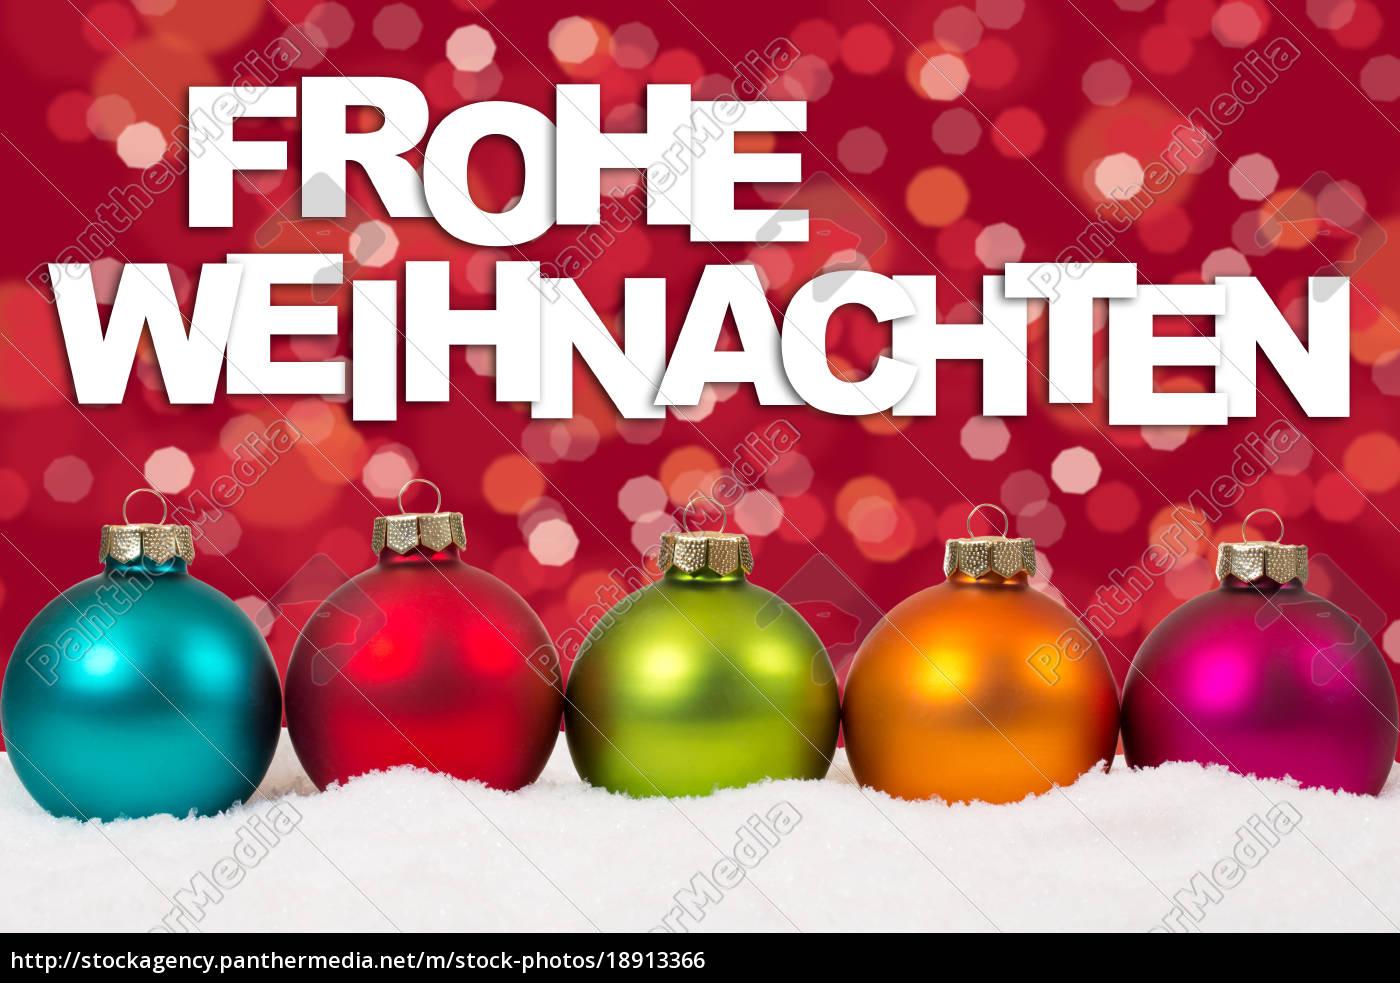 Frohe Weihnachten Weihnachtskarte Karte bunte - Stock Photo ...